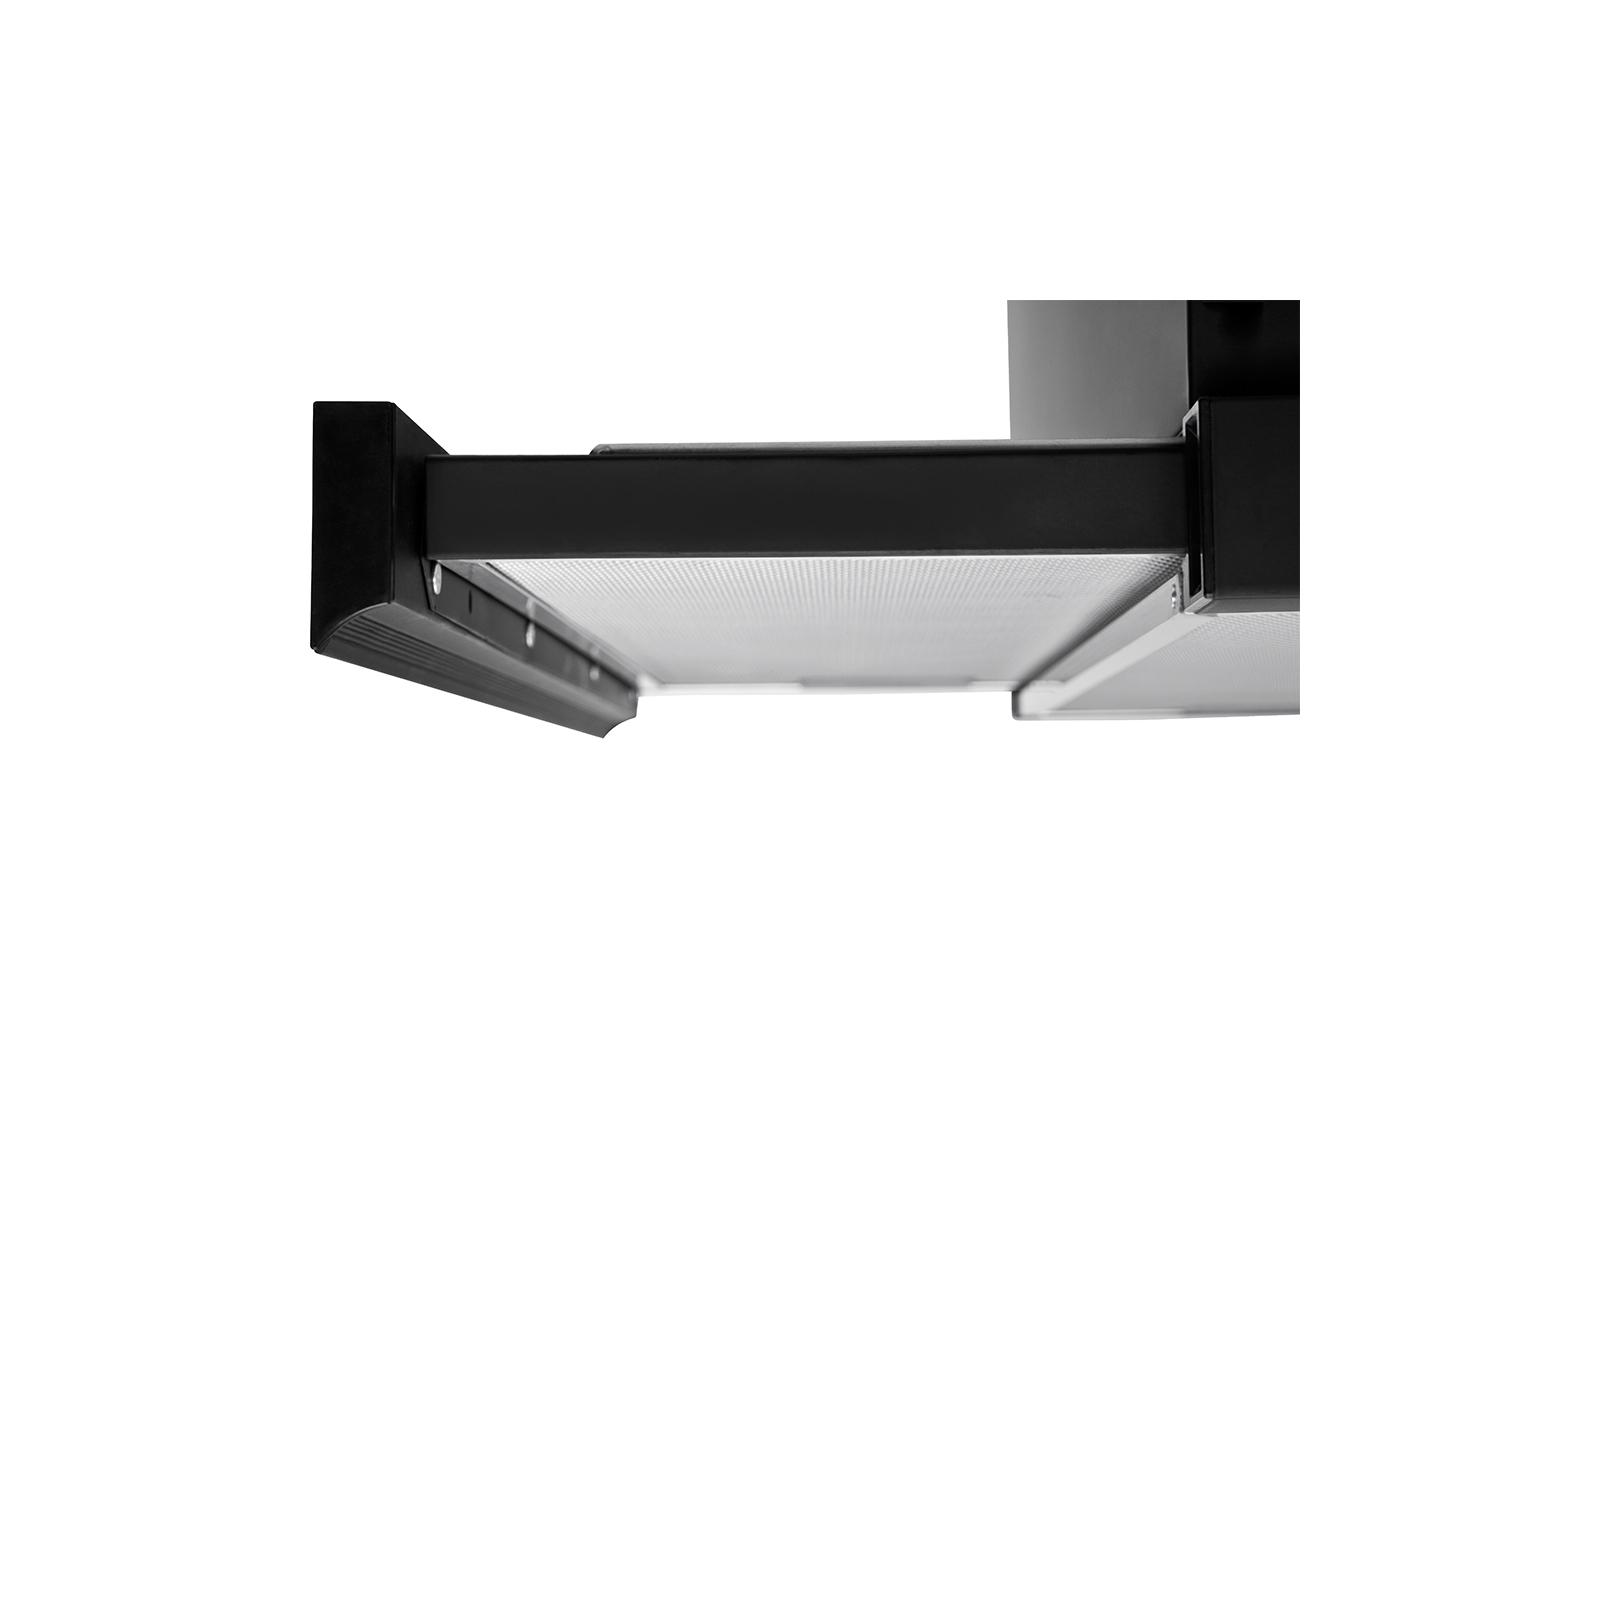 Вытяжка кухонная MINOLA HTL 510 BL изображение 6